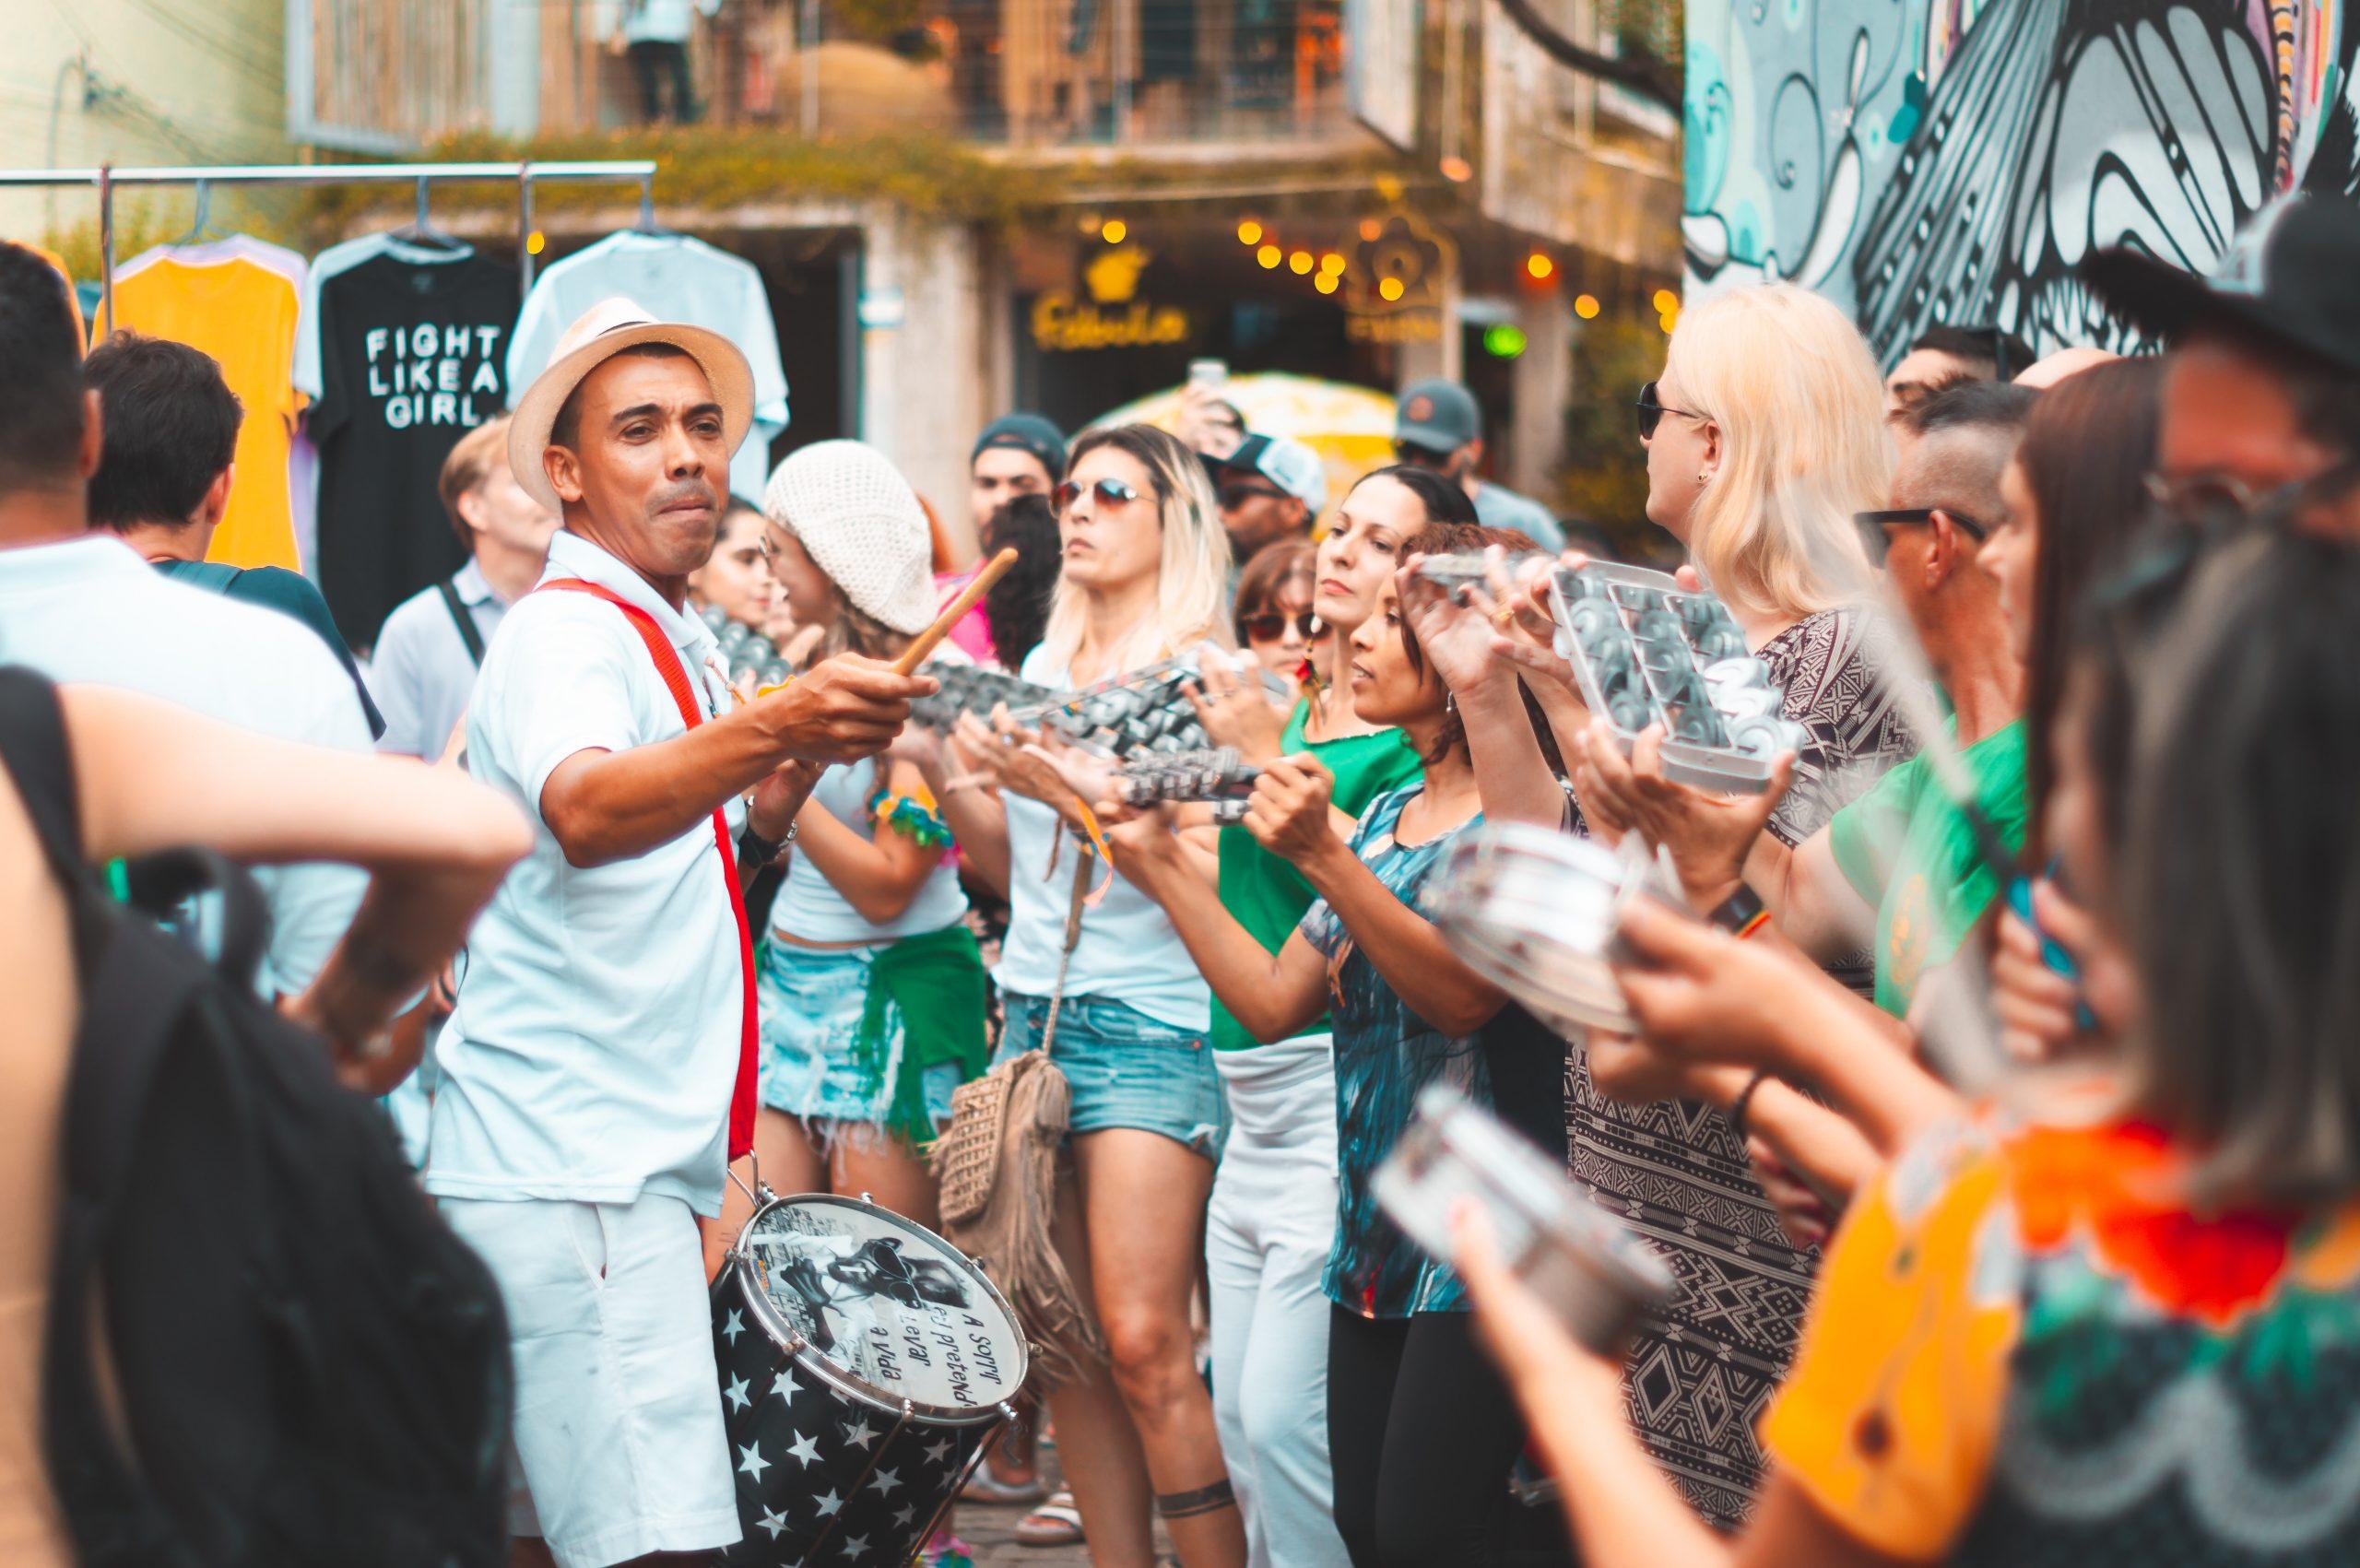 Panamá espera derroche económico de 300 mdd por el Carnaval